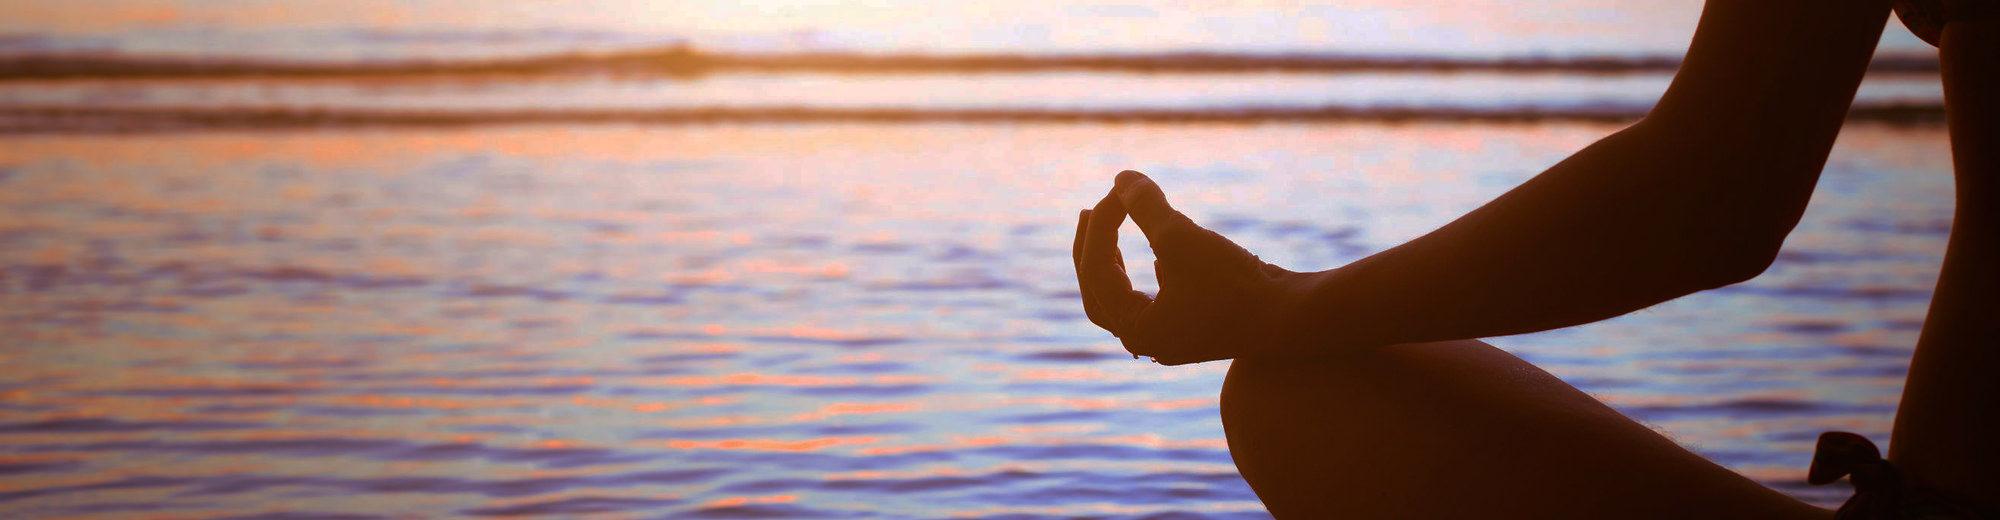 Stressbewältigung - erfolgreich Stress abbauen